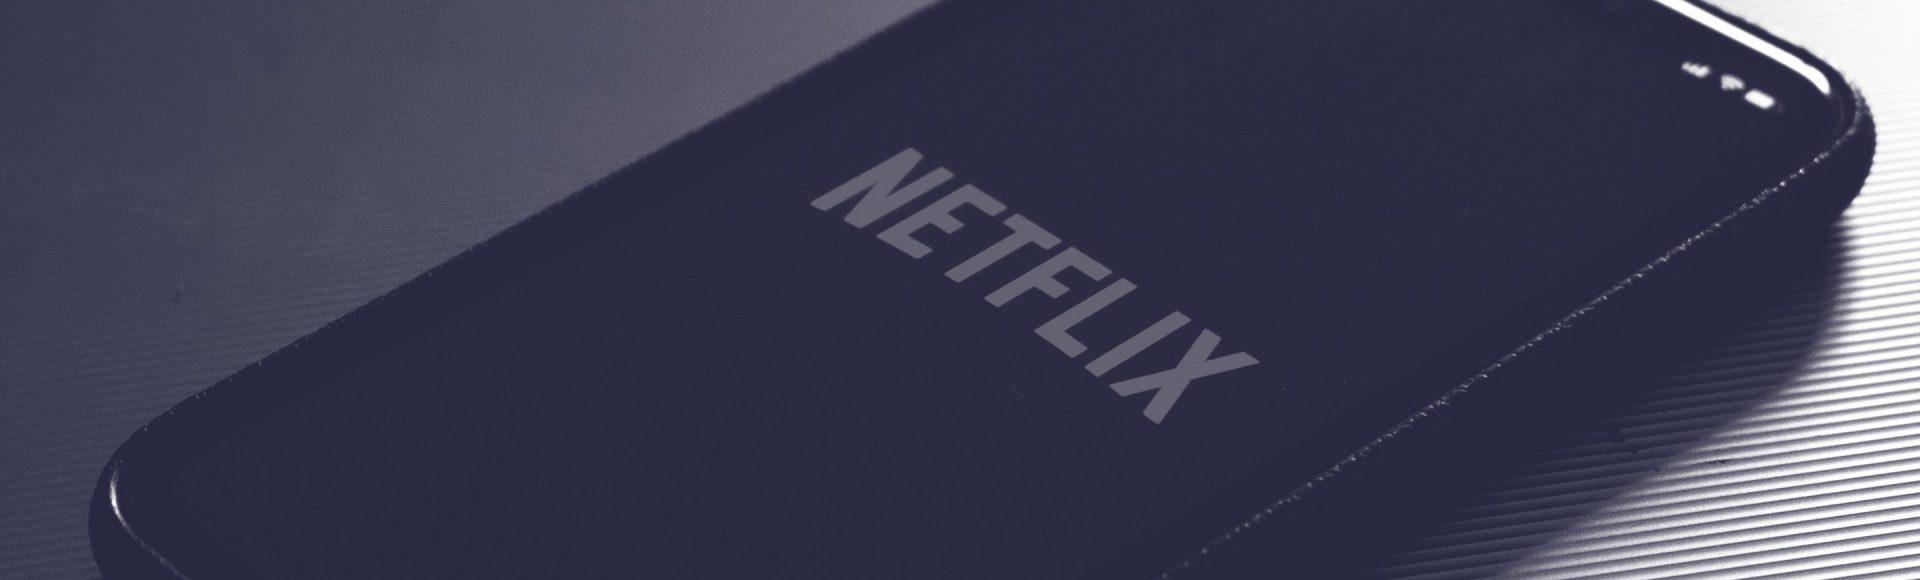 ARK-Invest_Blog-Banner_2015_01_21---Netflix-Earnings